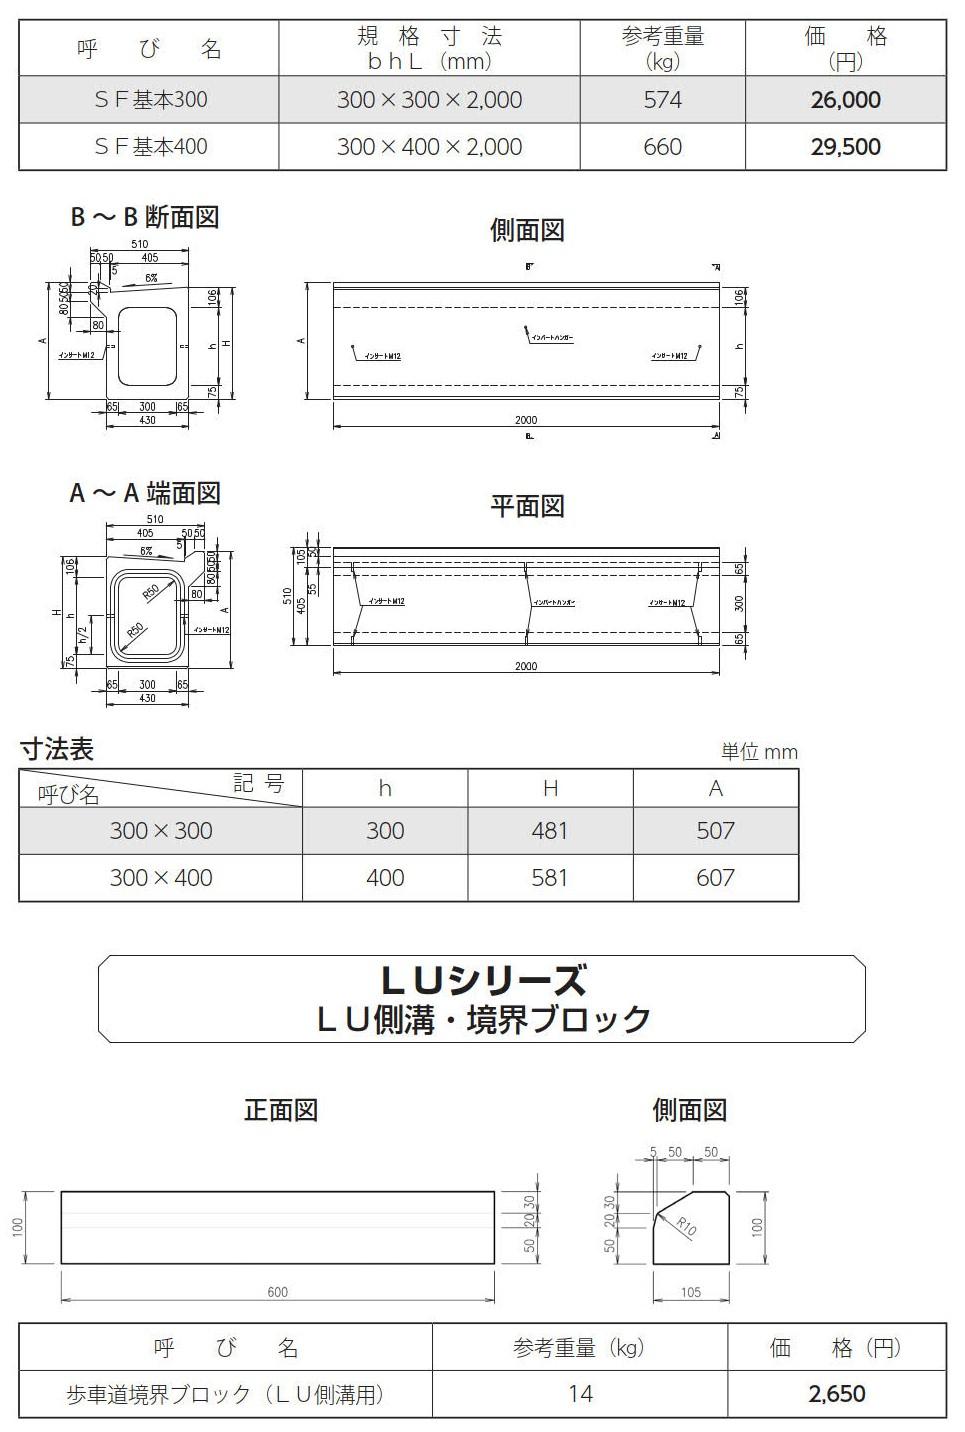 オリジナル側溝|LUシリーズ B型・SF型、境界ブロック 外形寸法 3